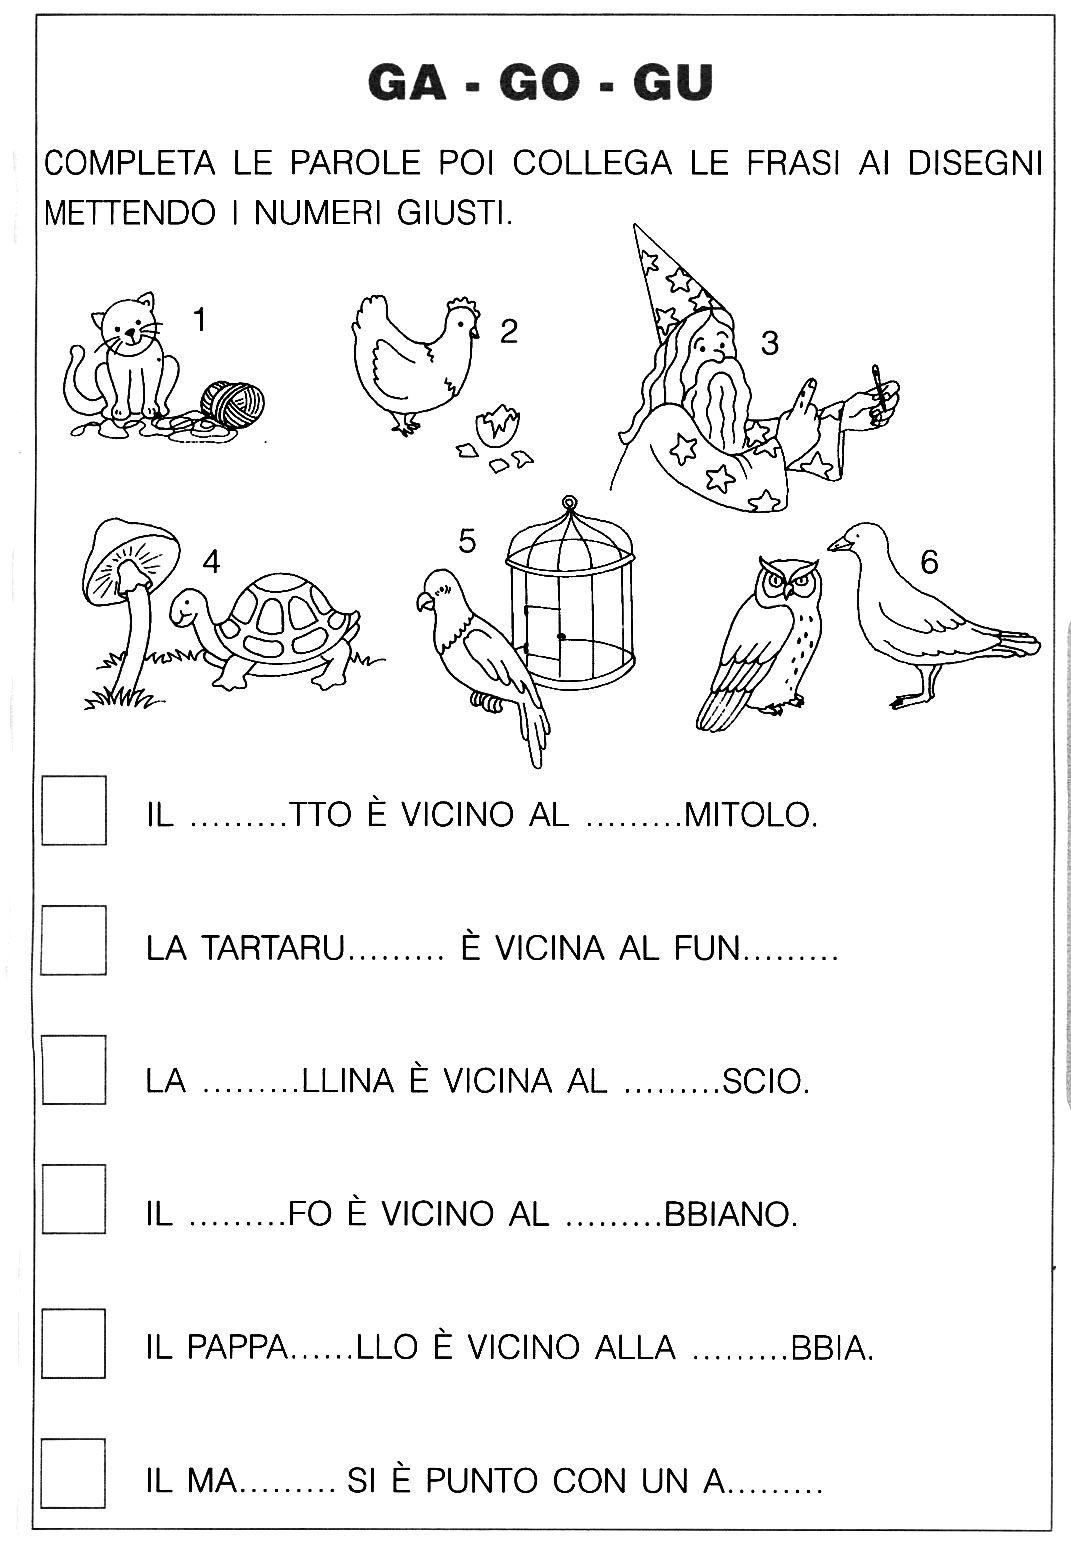 Ga go gu scuola attivit per ragazzi e italia for Parole con gi